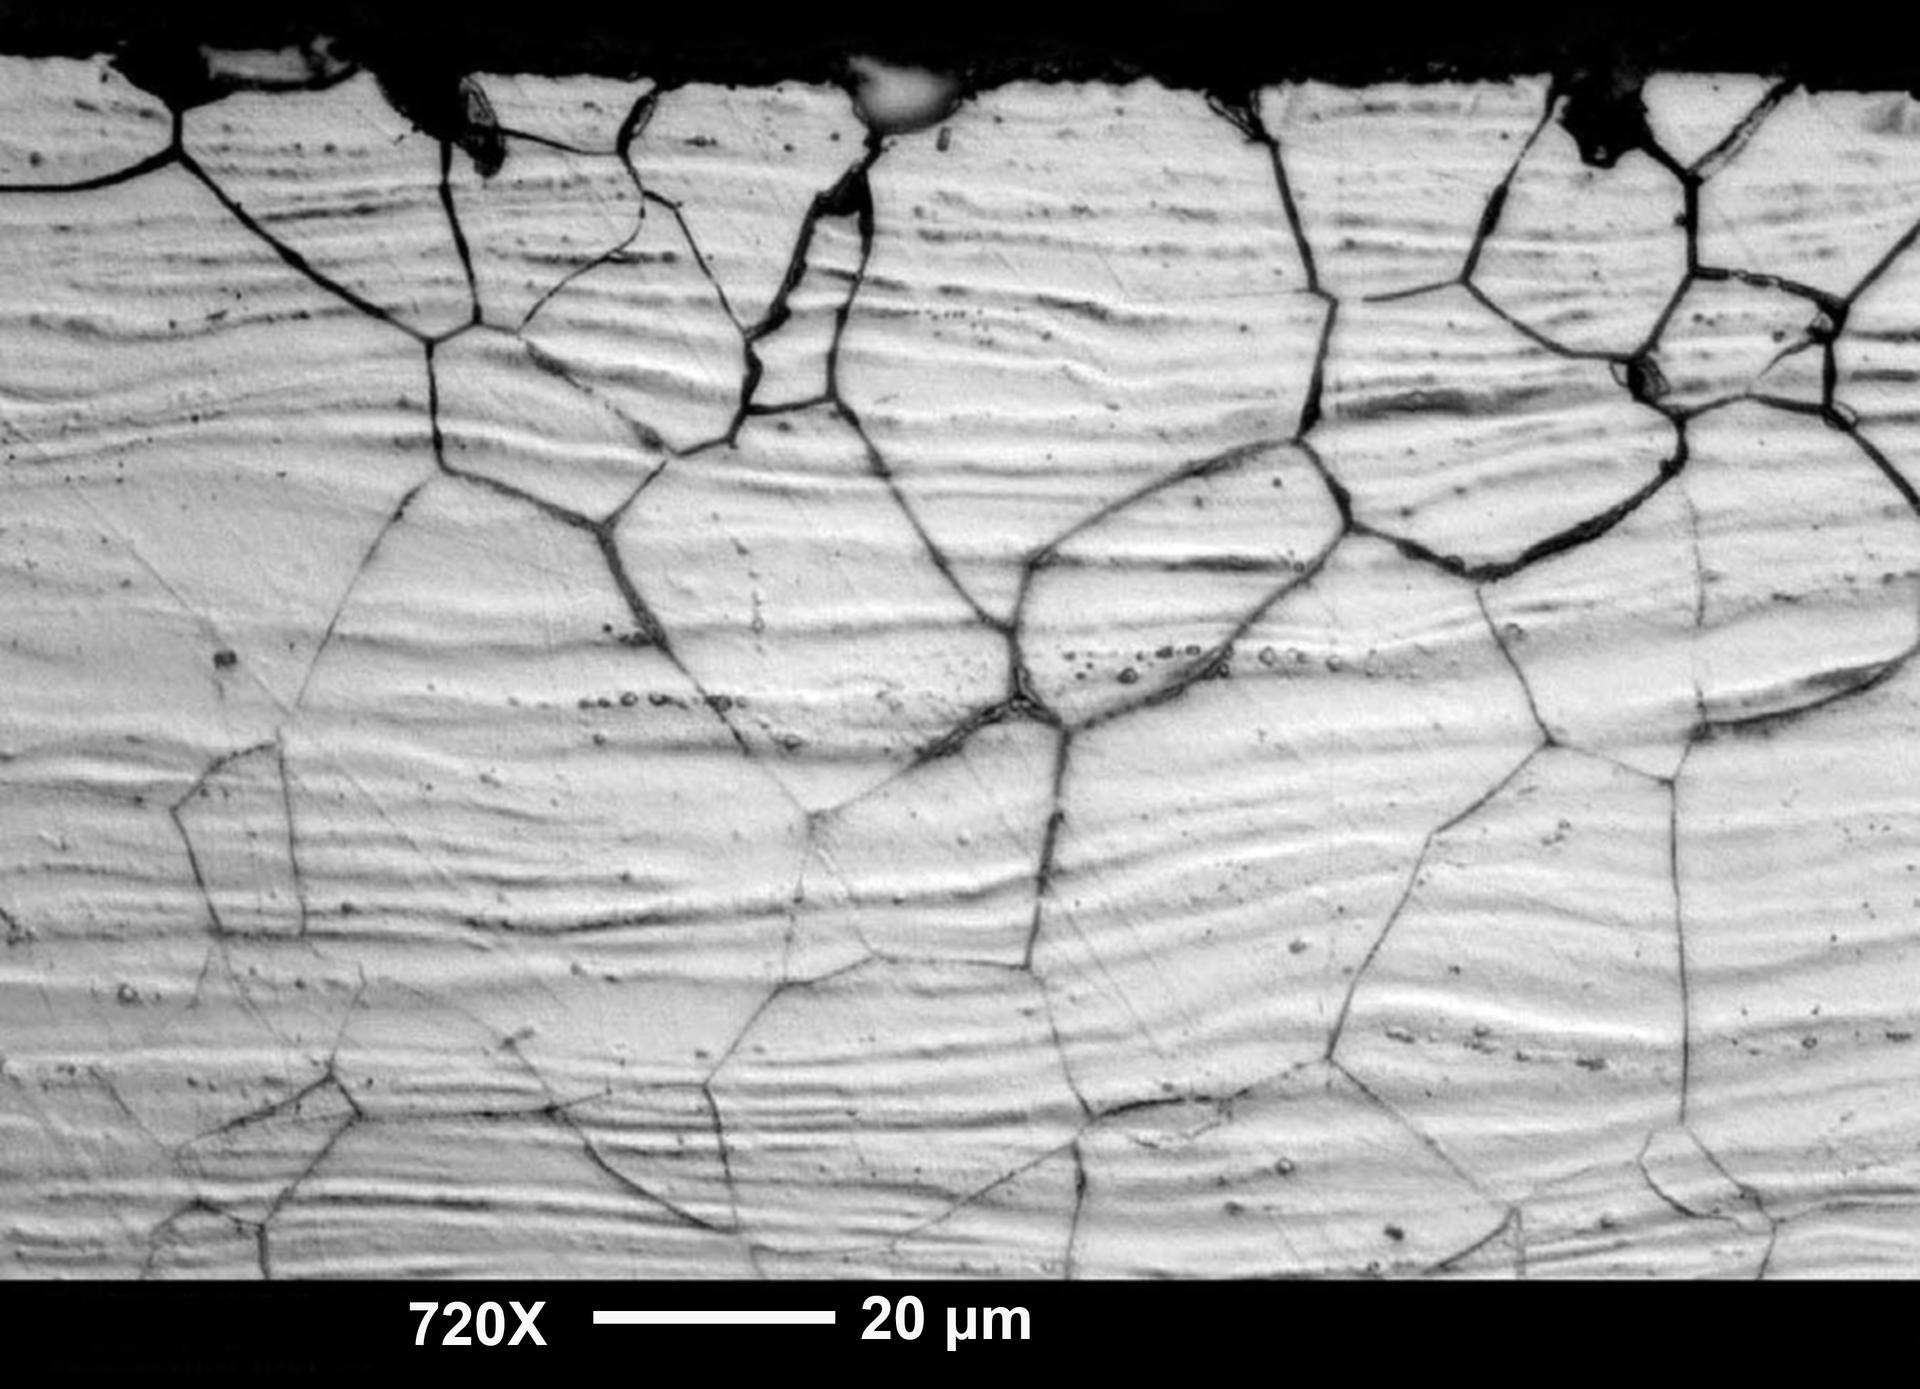 Zdjęcie powierzchni stali zgrzewanej wykonane za pomocą mikroskopu optycznego